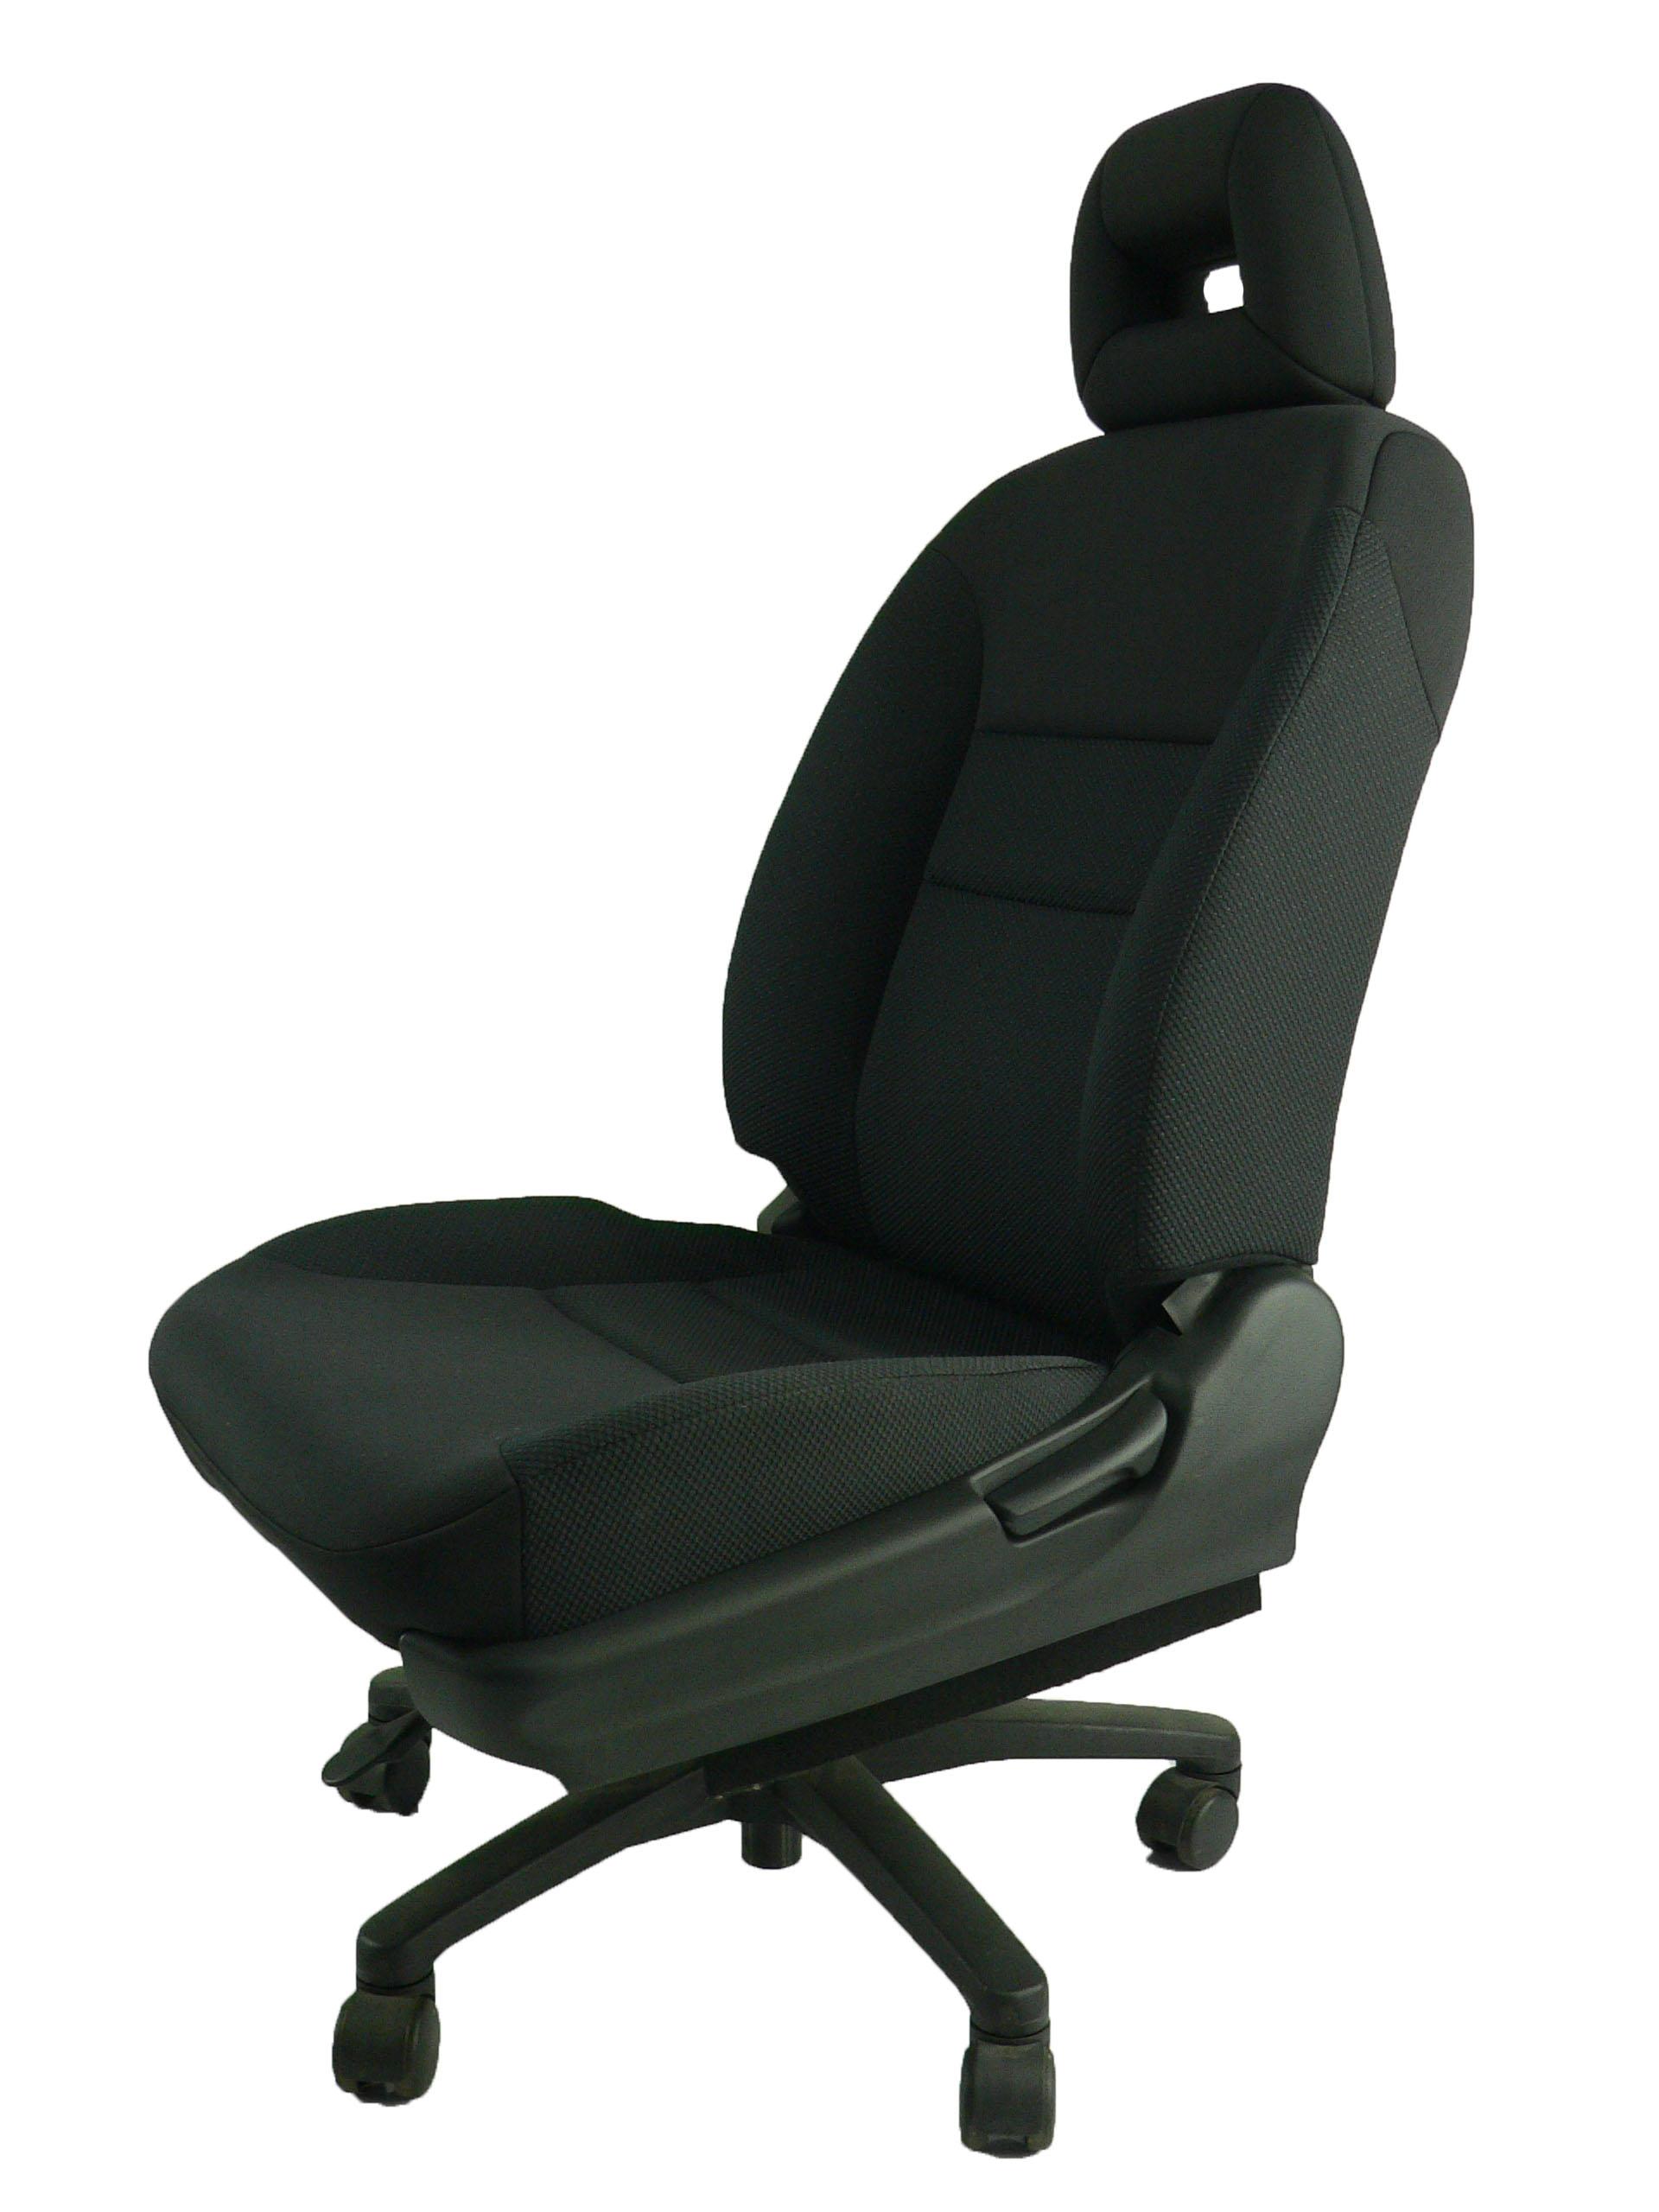 ホンダエアウェイブ★自動車シートがリクライニングチェアー(デスクチェア)に、環境と健康に優しい椅子。座面低め。